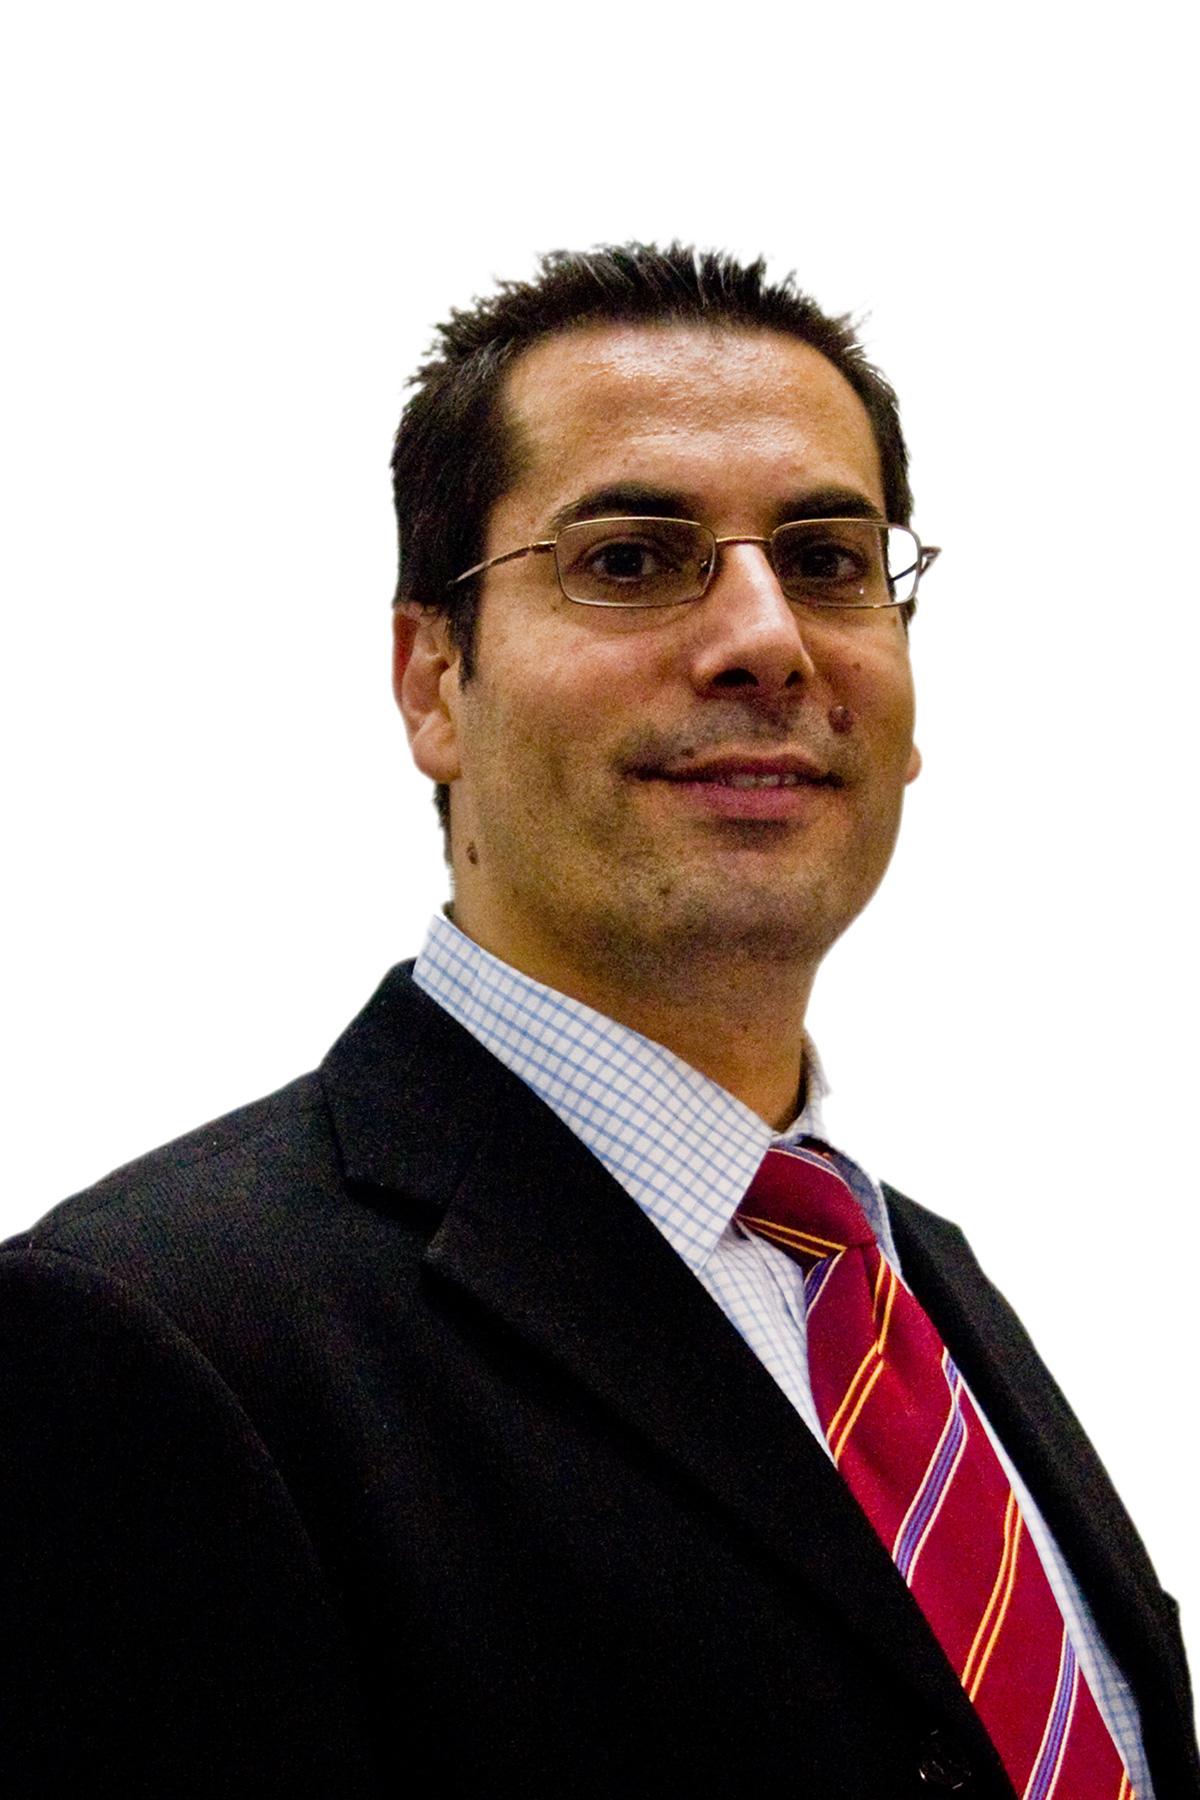 Dr. Ali Salman Saleh